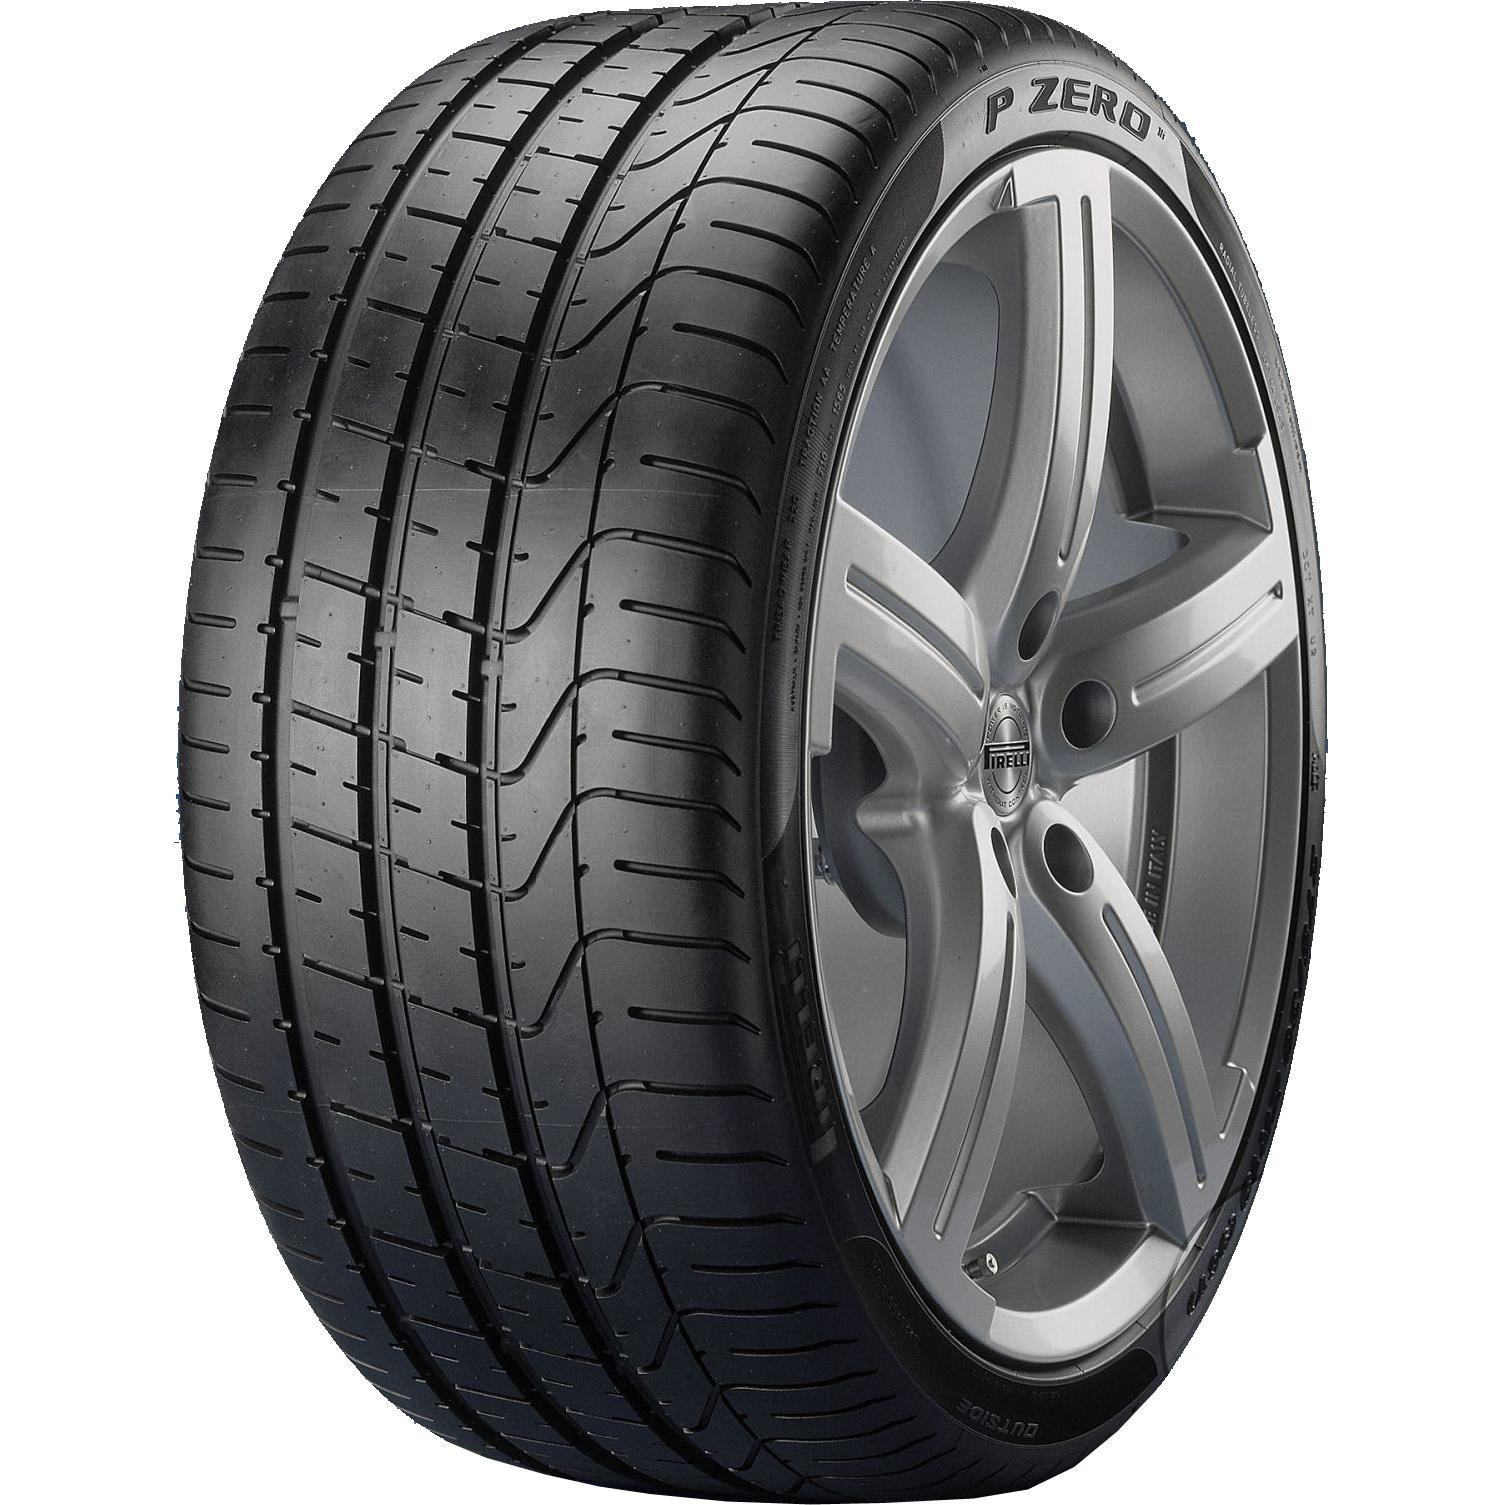 Шины Pirelli P ZERO 295/40ZR21 111Y